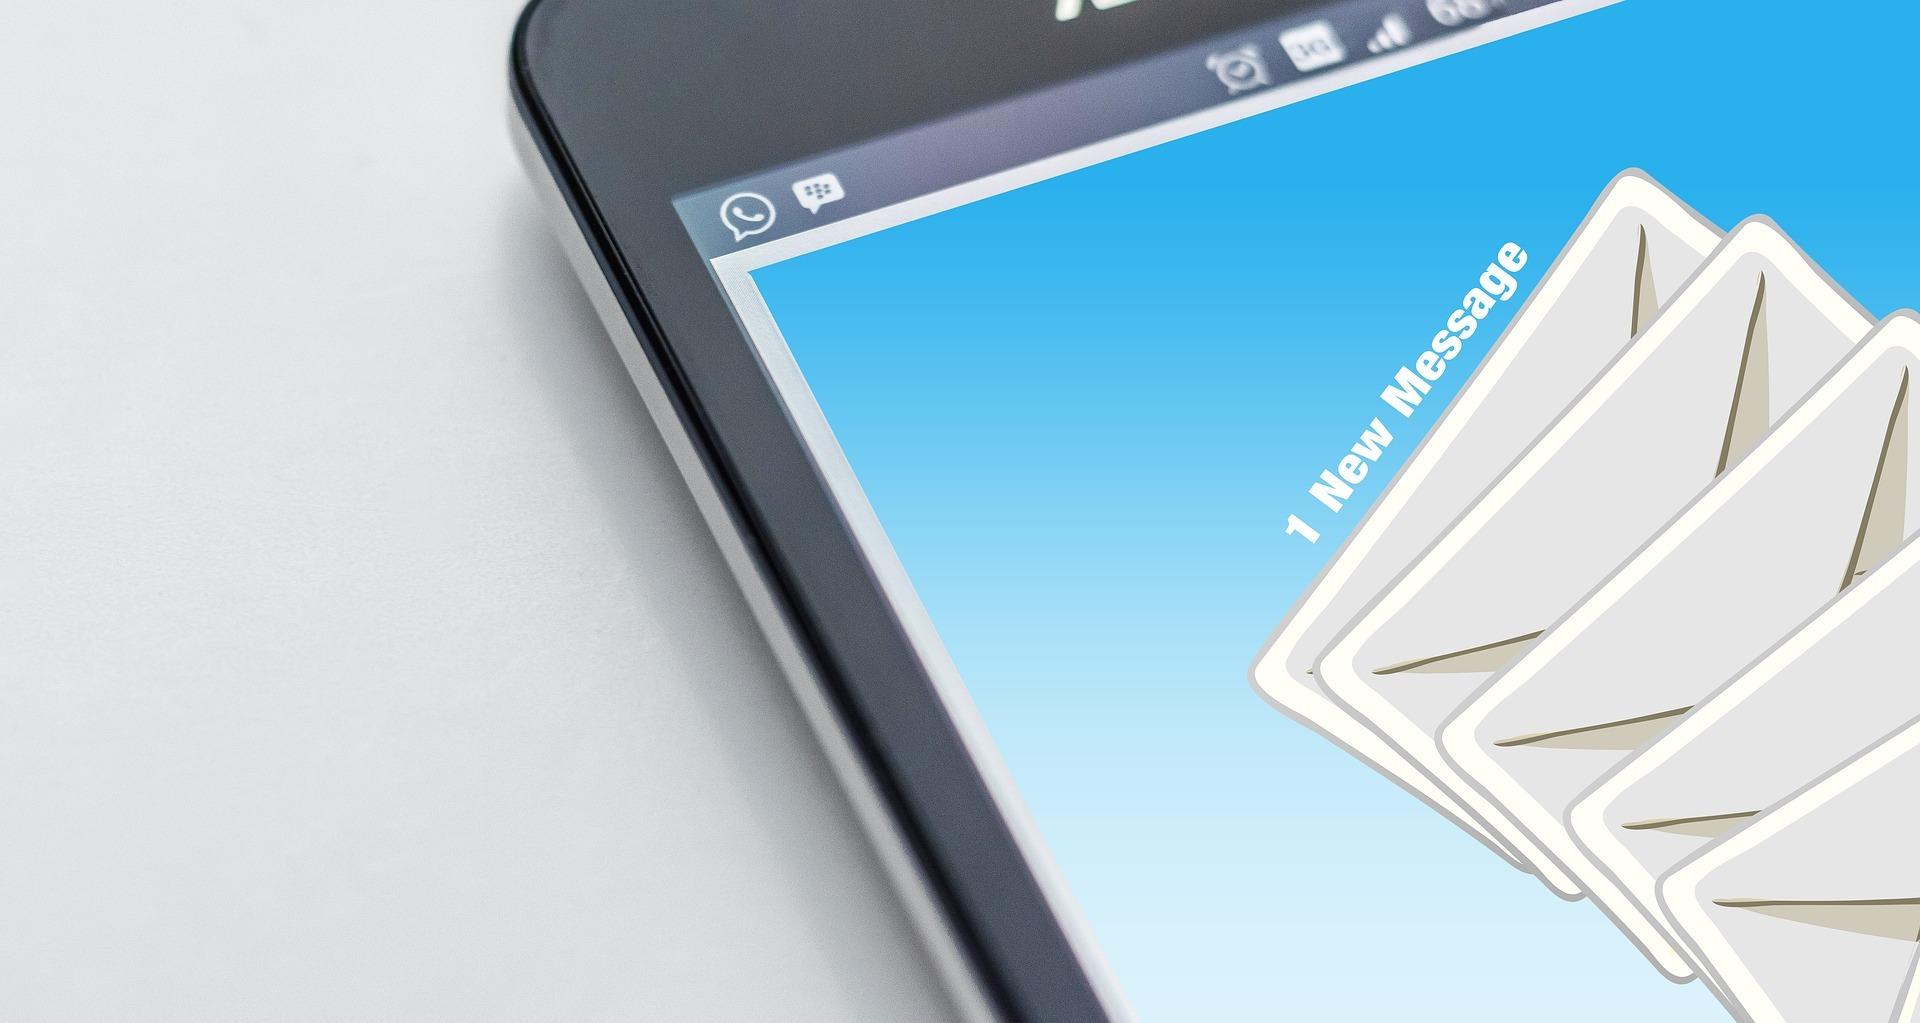 購物旺季來臨,善用這4招電子郵件策略提高轉換